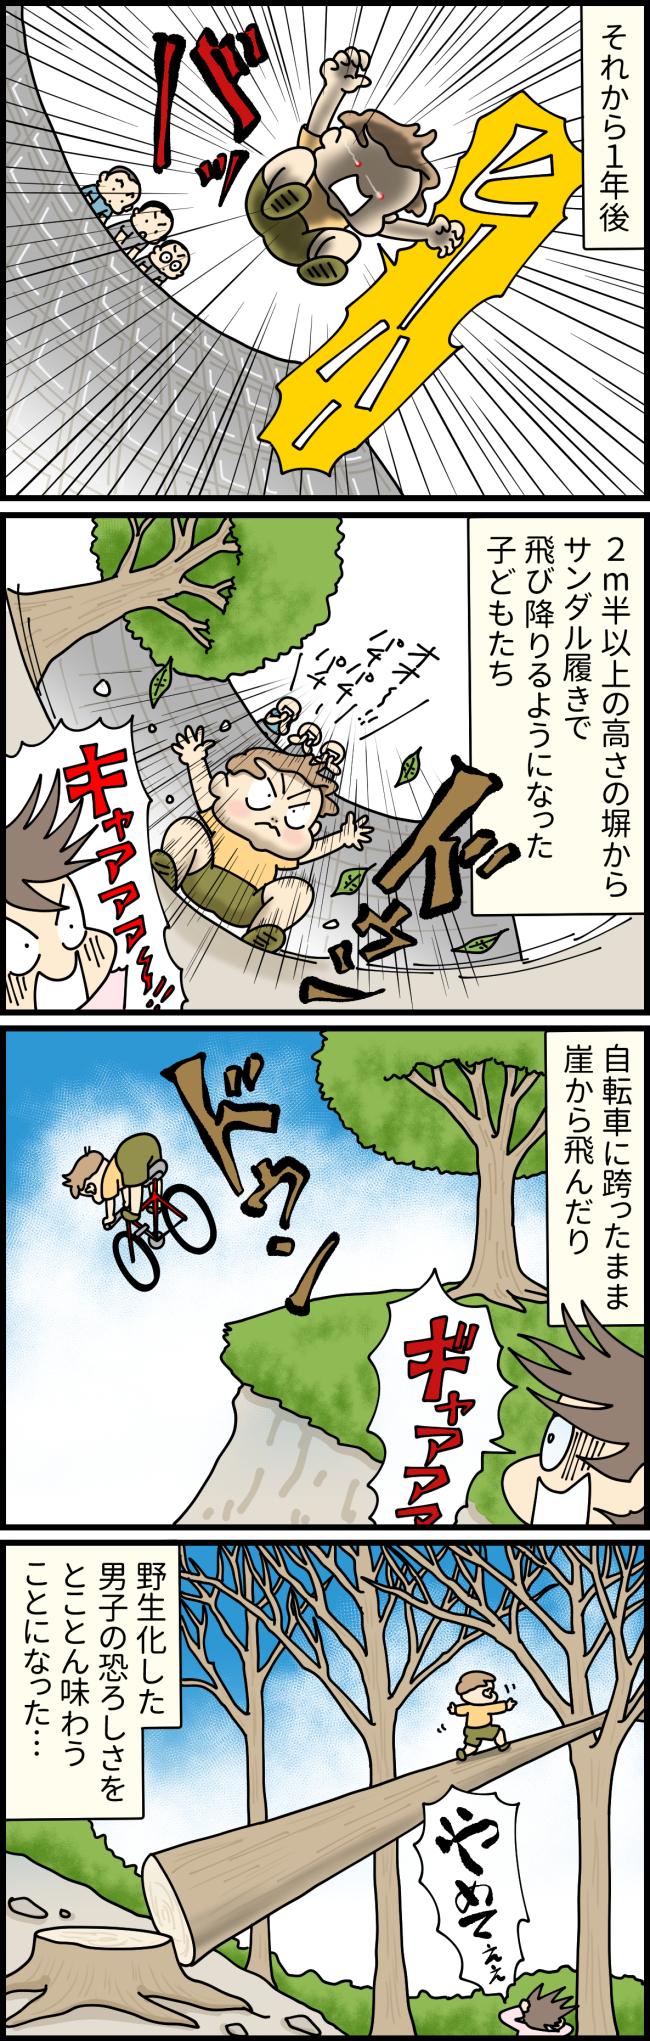 自転車で崖から飛んだり切り倒された巨木の上を走り回る大原由軌子の次男・レイ